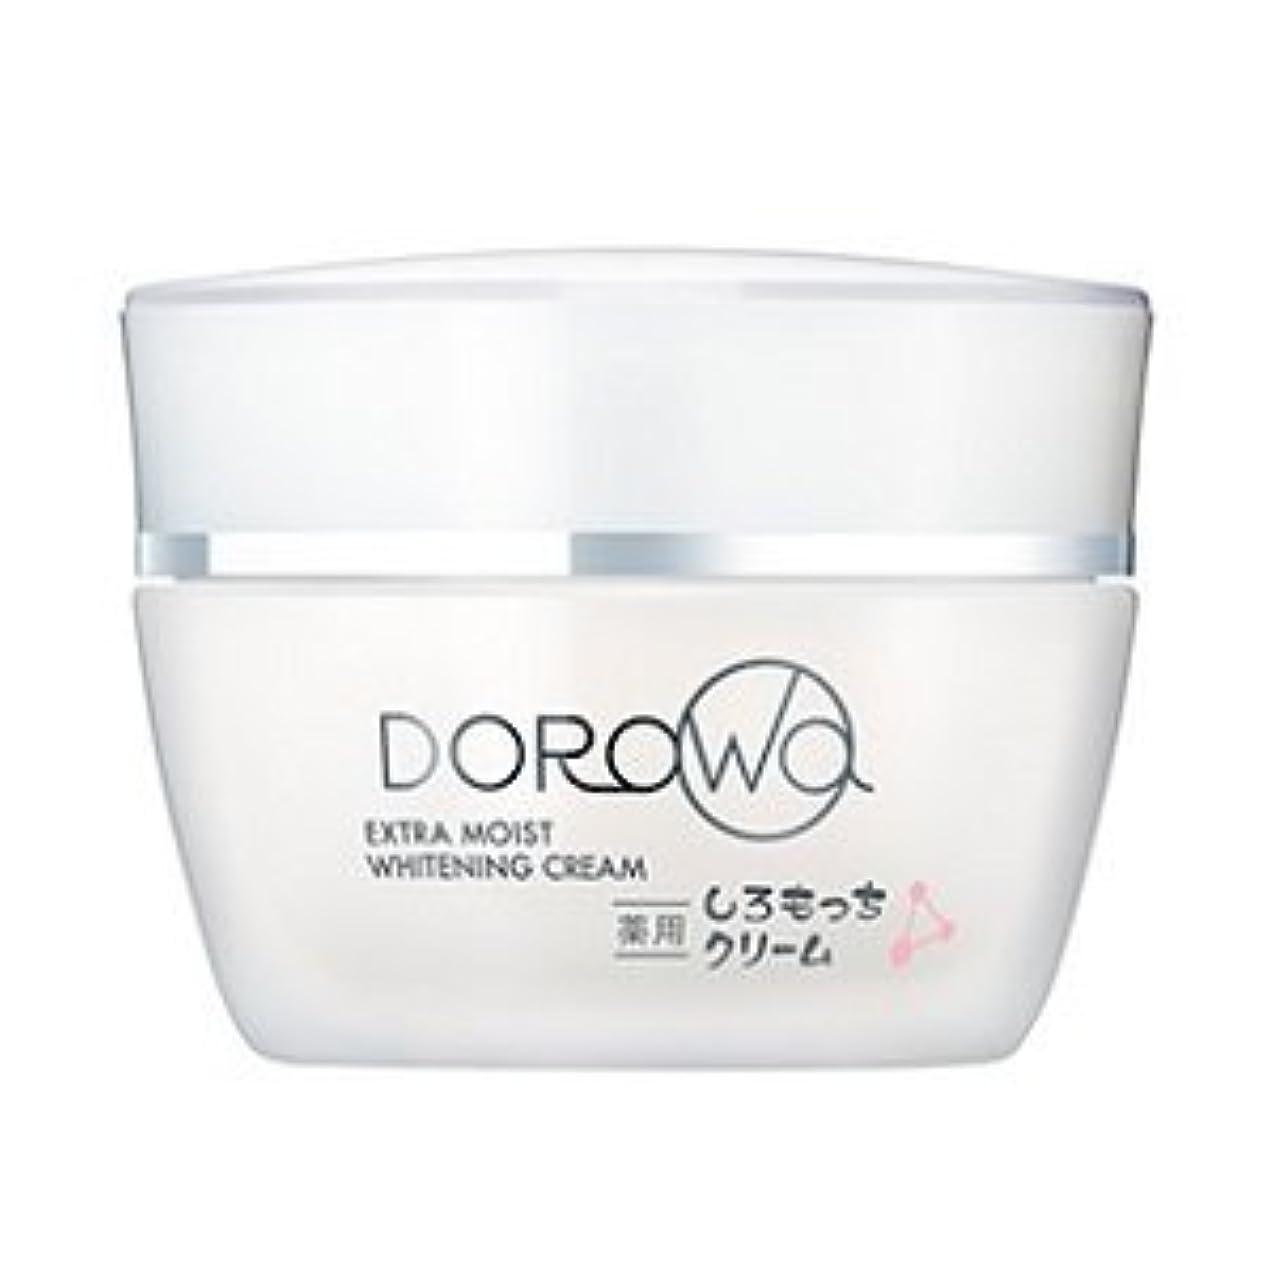 一瞬トリムペリスコープ健康コーポレーション DOROwa 薬用 しろもっちクリーム 60g